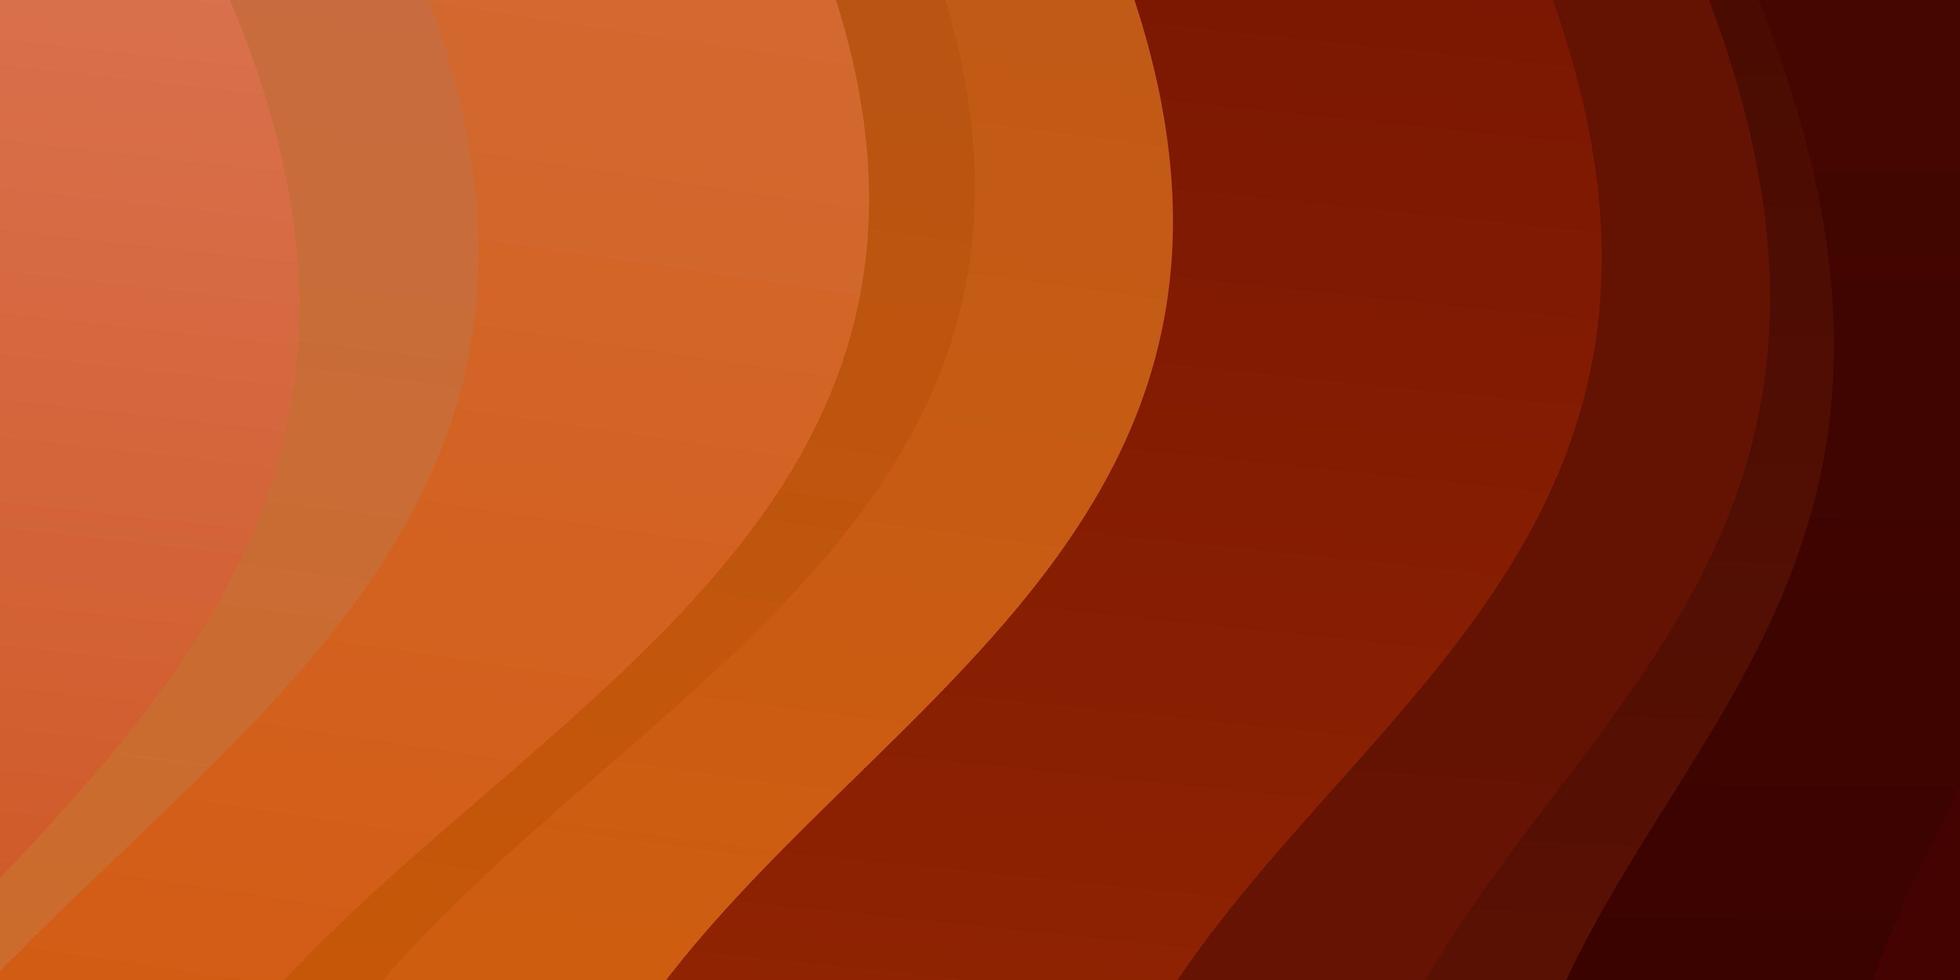 ljus orange vektor layout med sneda linjer.